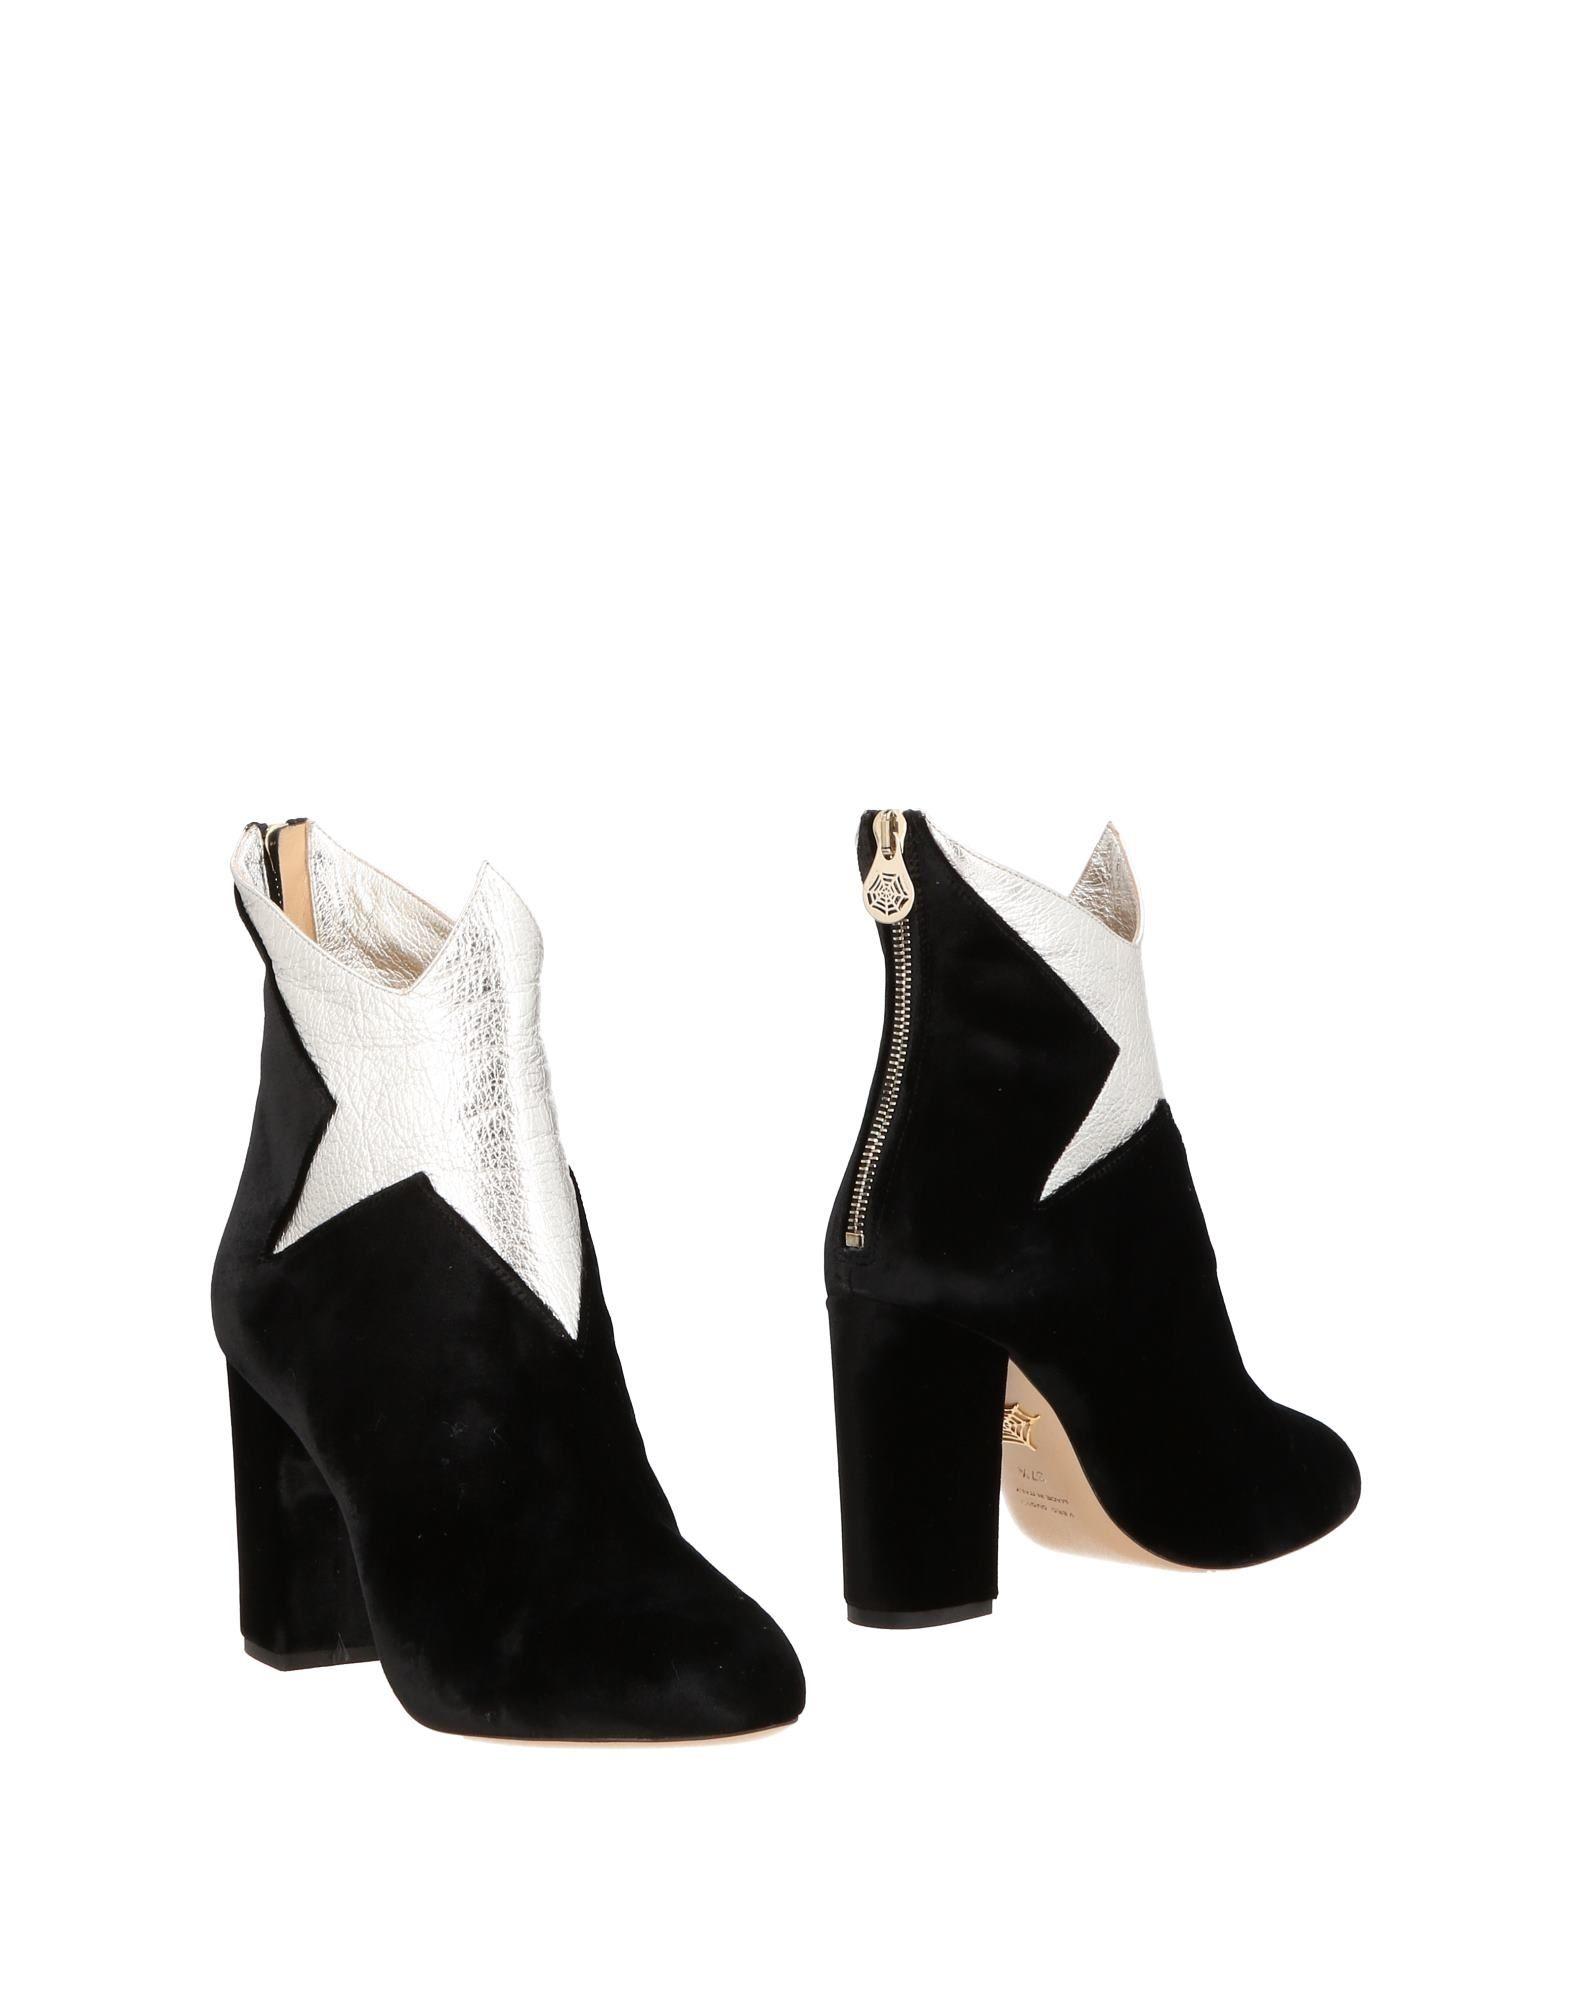 Charlotte Olympia Stiefelette Damen aussehende  11495288PEGünstige gut aussehende Damen Schuhe 58c4e6